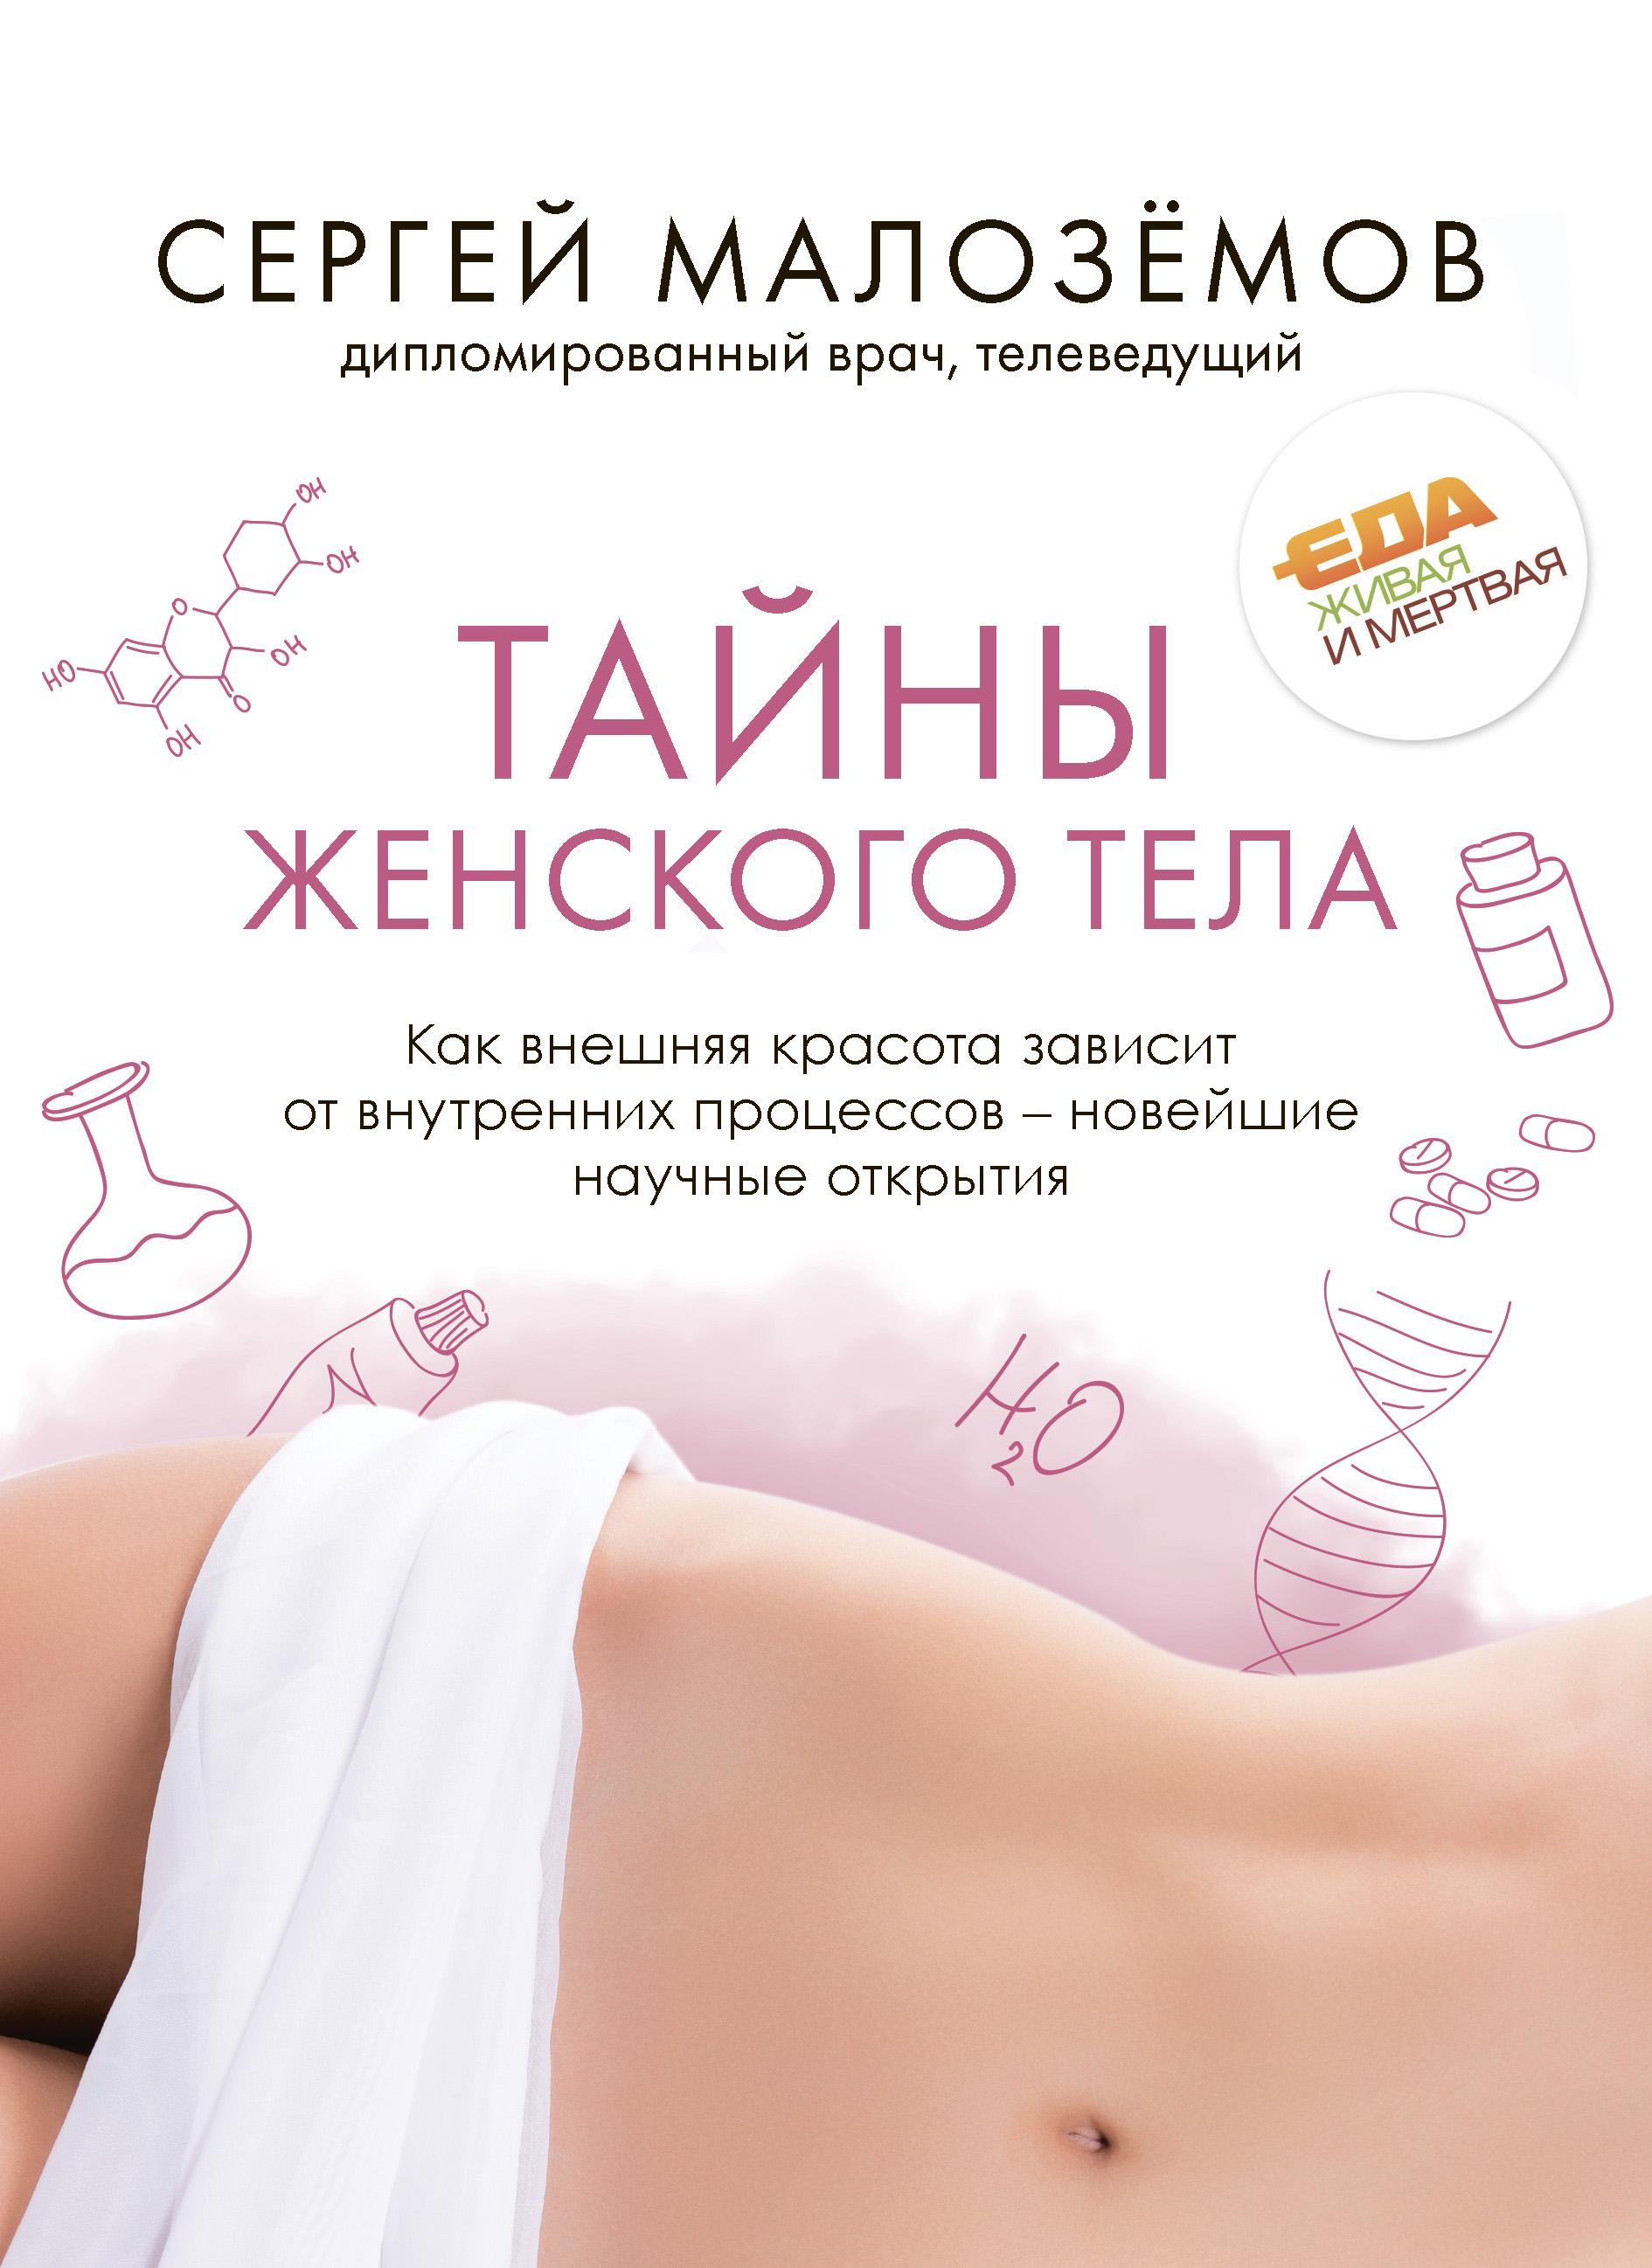 талия таблетки для похудения отзывы цена нтв